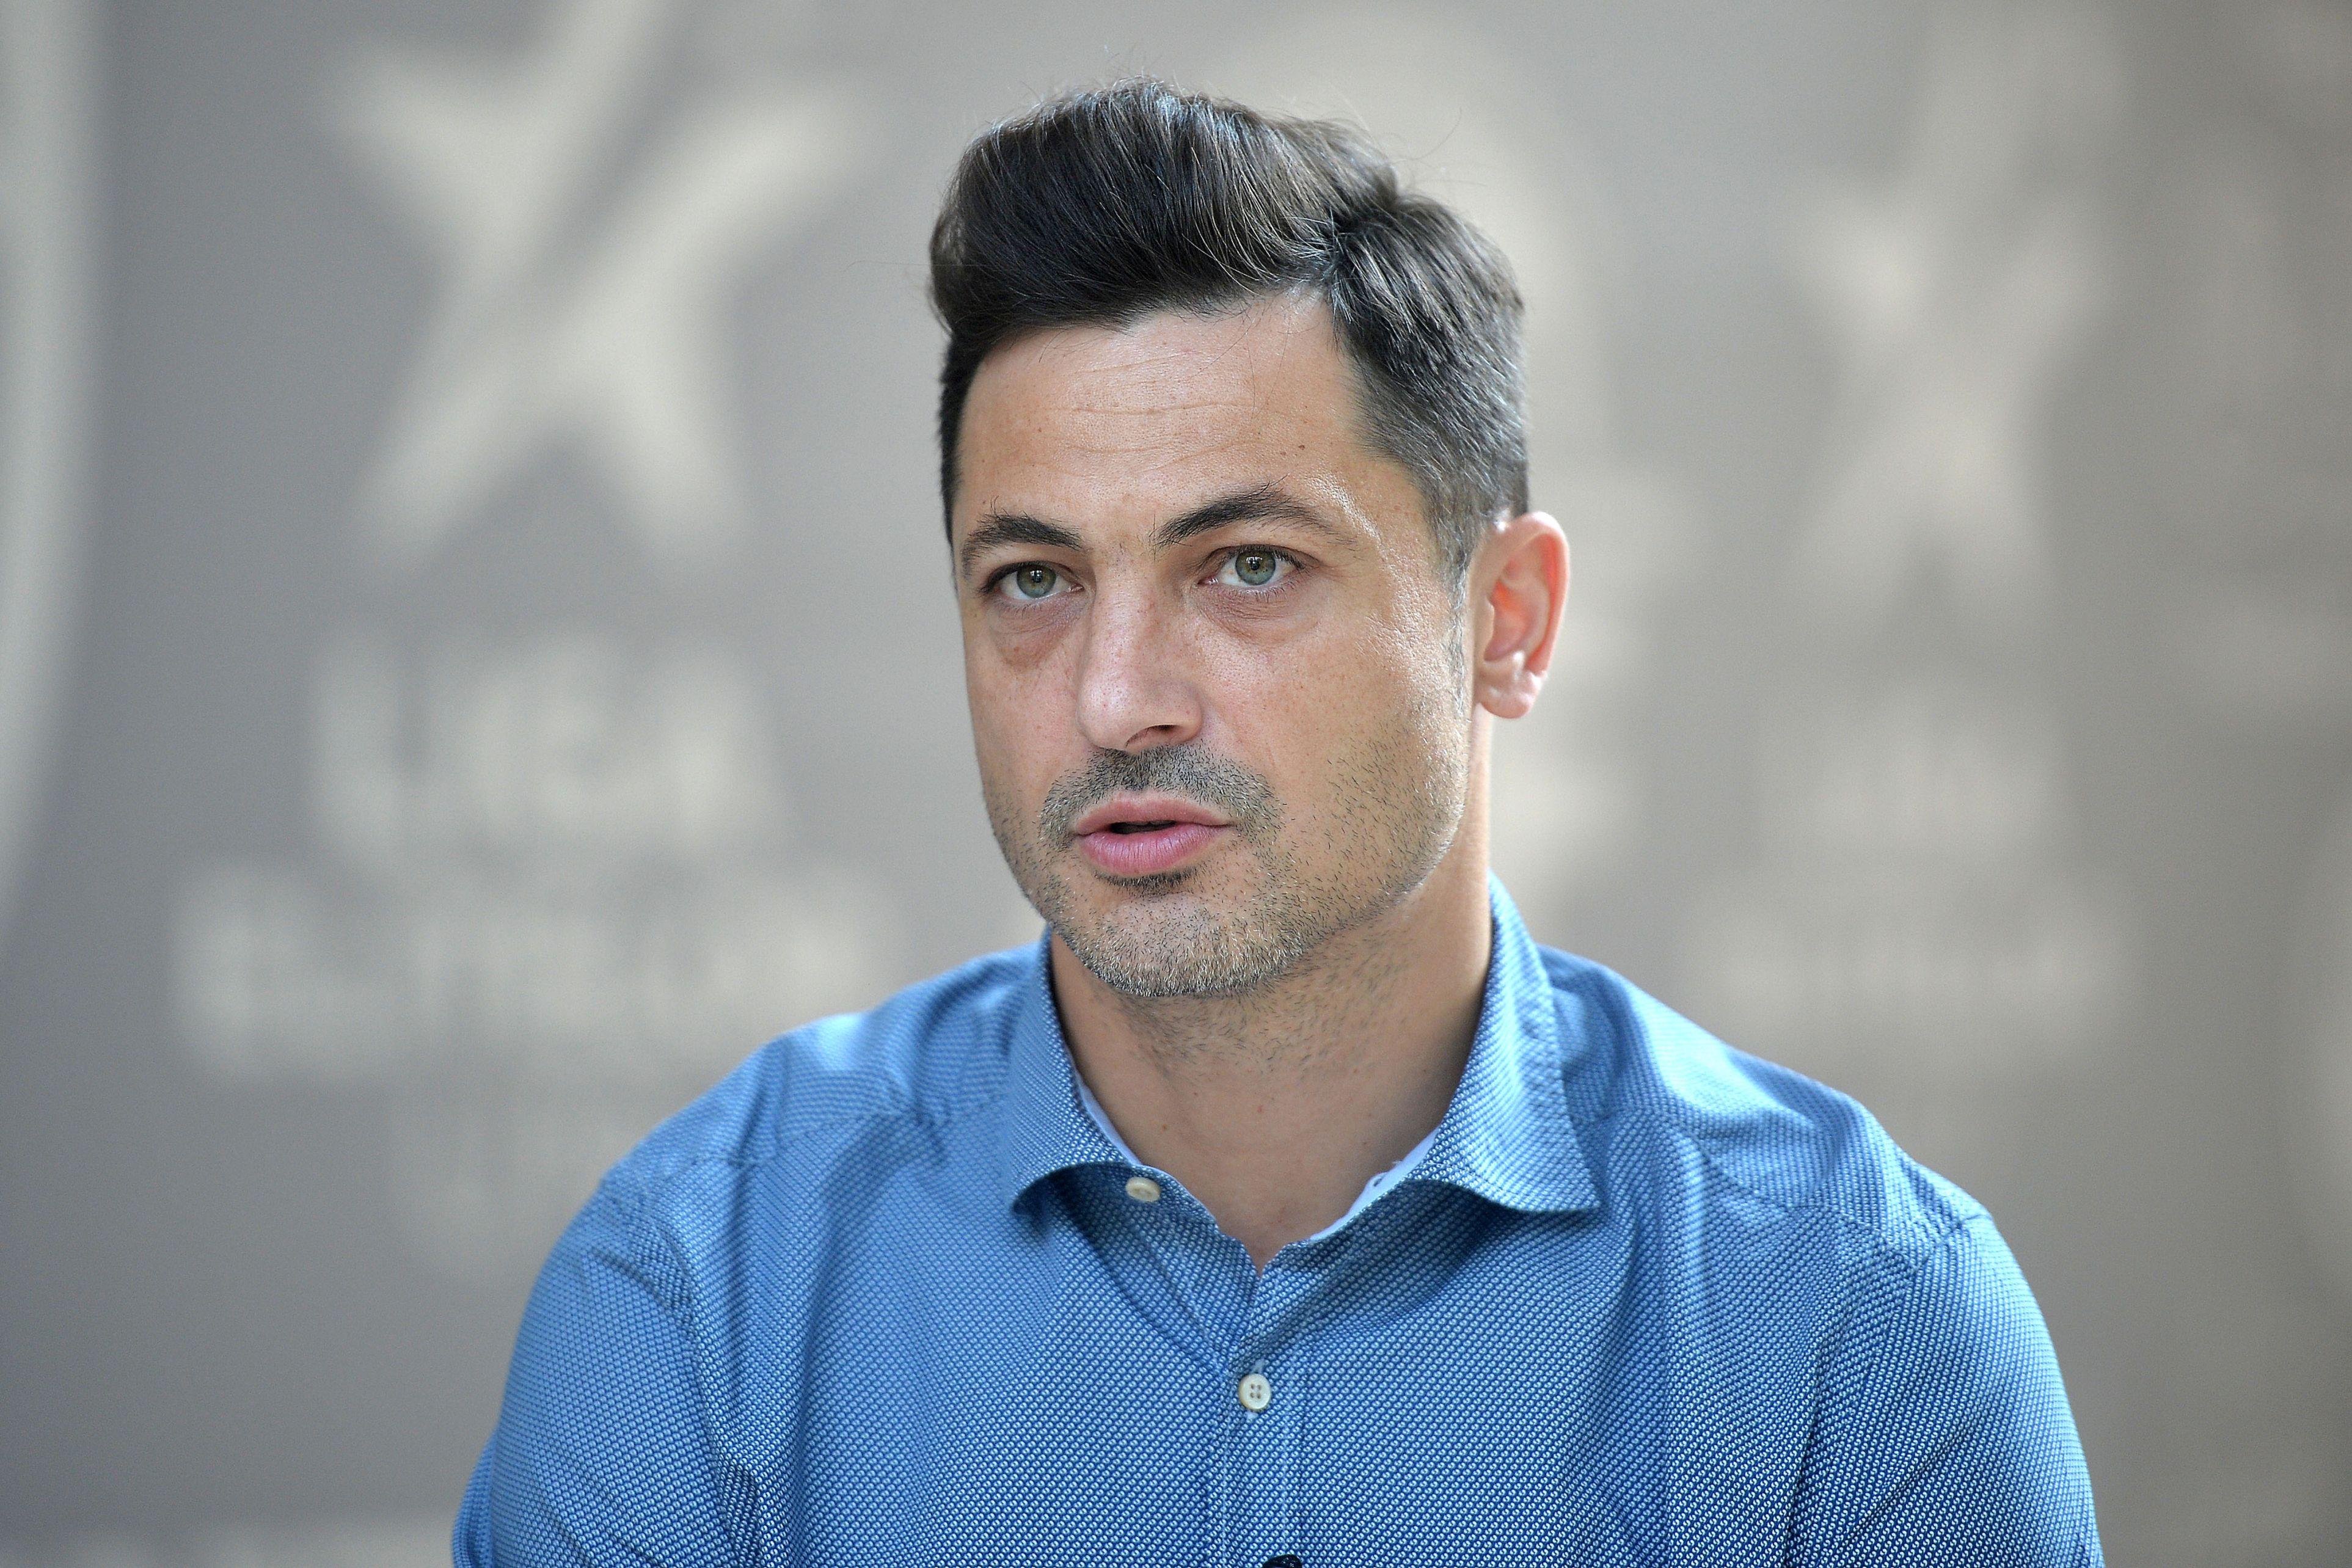 EXCLUSIV | Mihai Leu era să rămână repetent tocmai la sportul pe care-l profesa!  KO la proba de box. Ce probleme cu școala au avut și alți mari campioni români